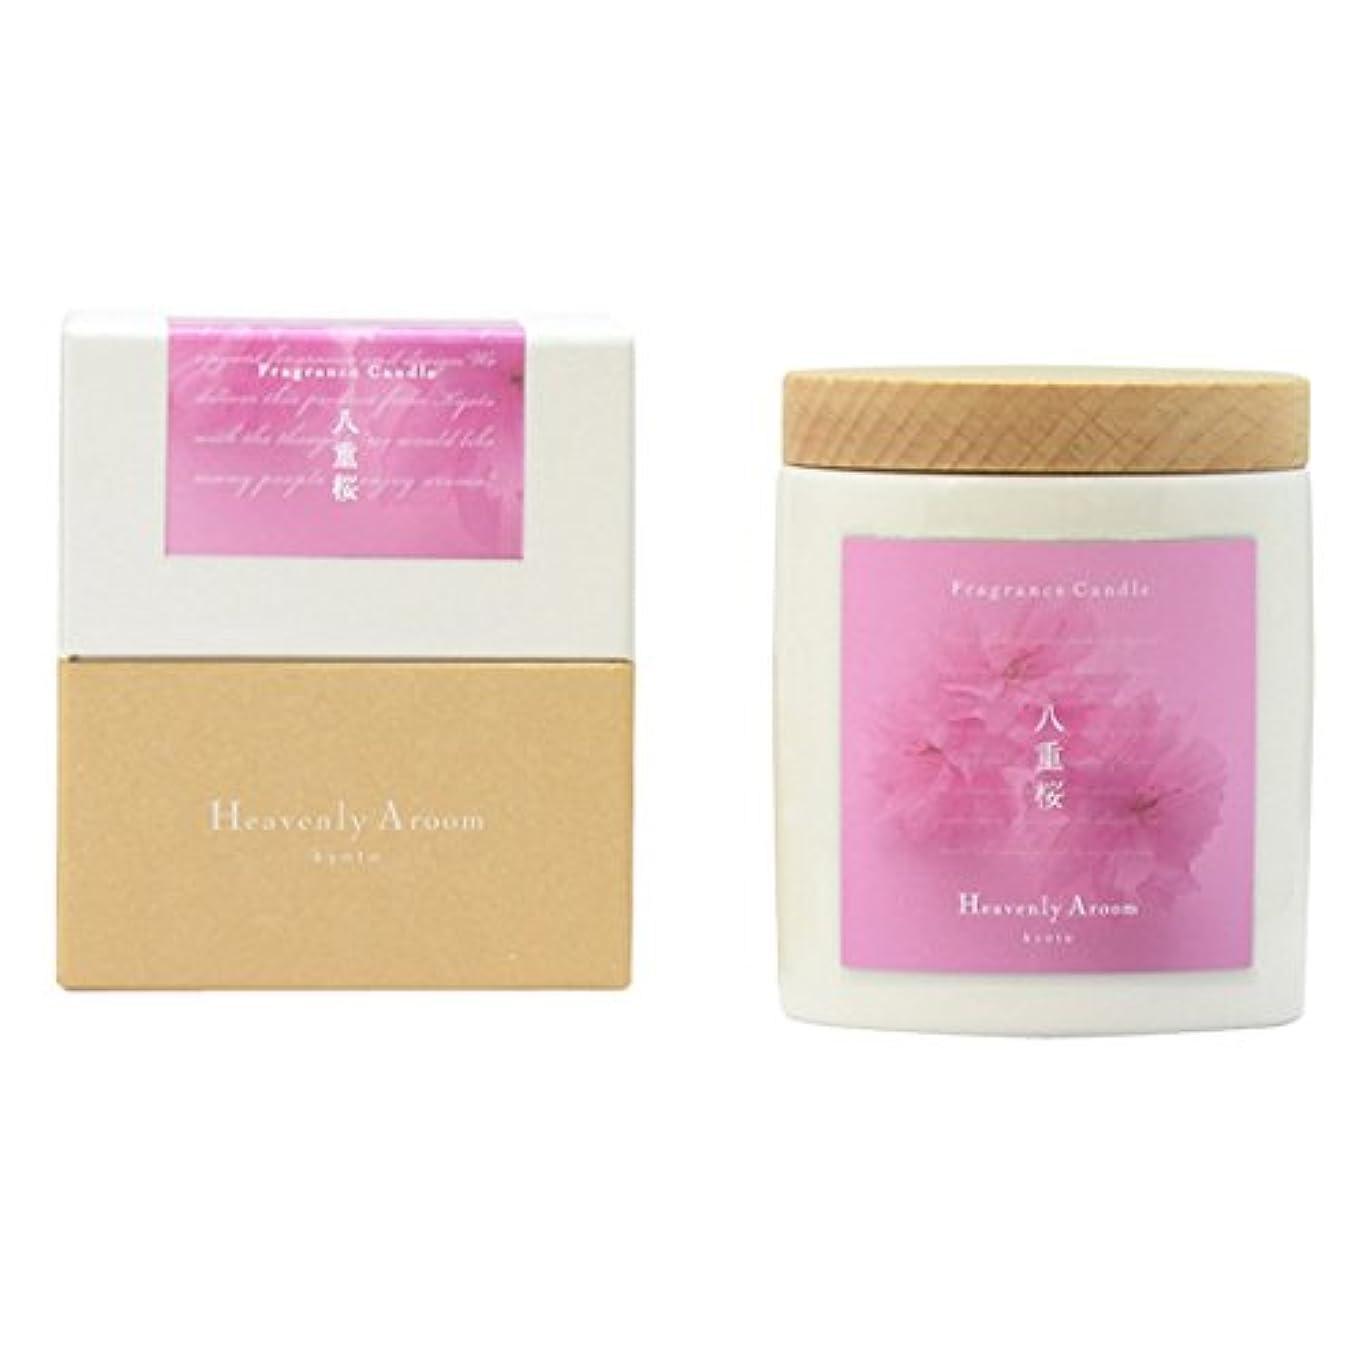 アンティークトリップ日焼けHeavenly Aroom フレグランスキャンドルS 八重桜 80g